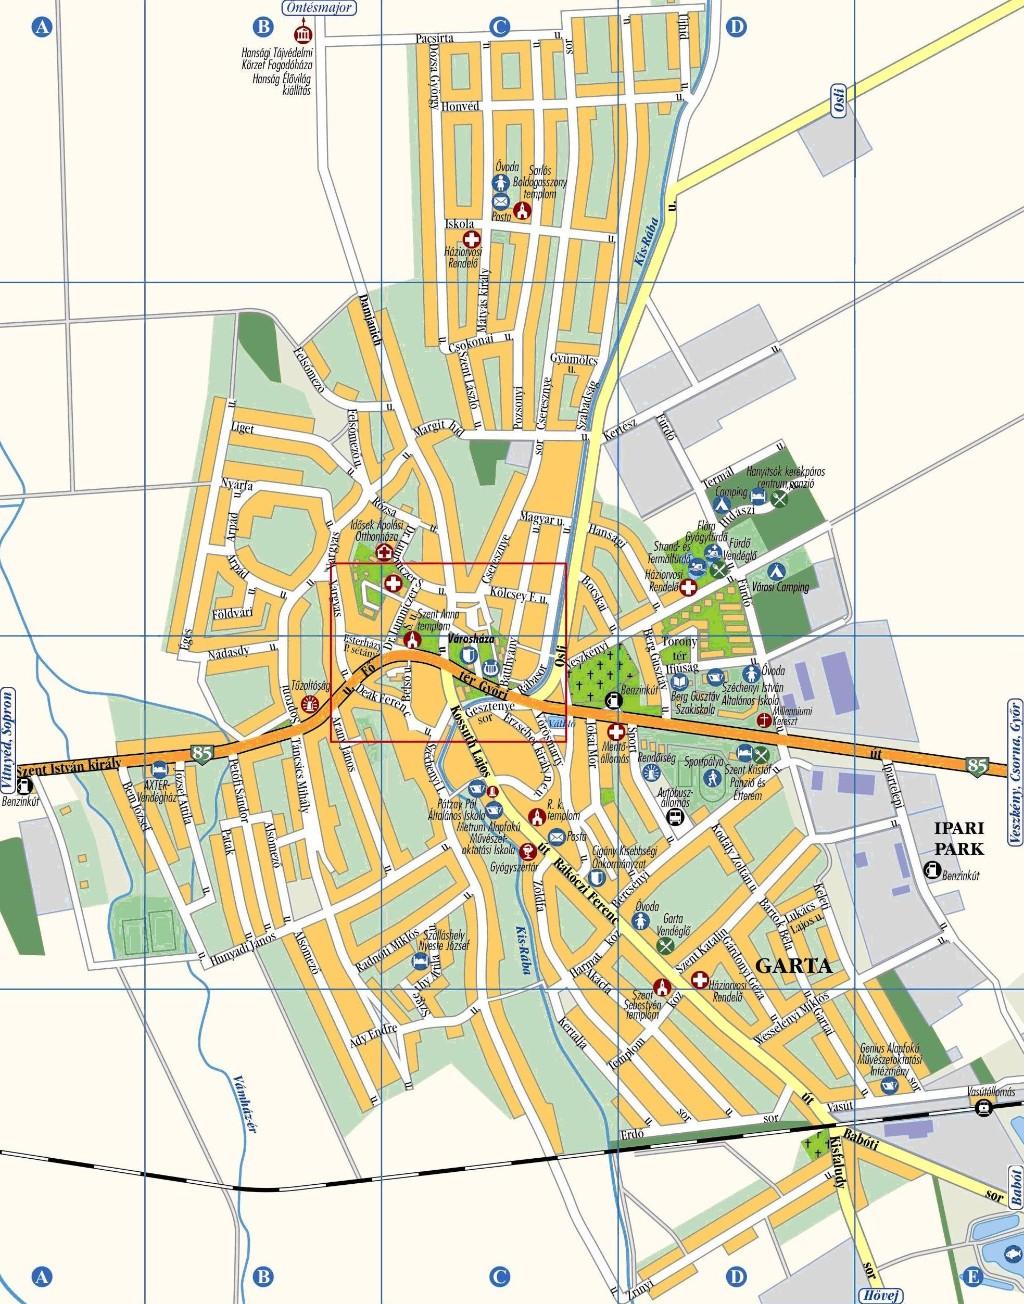 magyarország térkép kapuvár Kapuvár magyarország térkép kapuvár